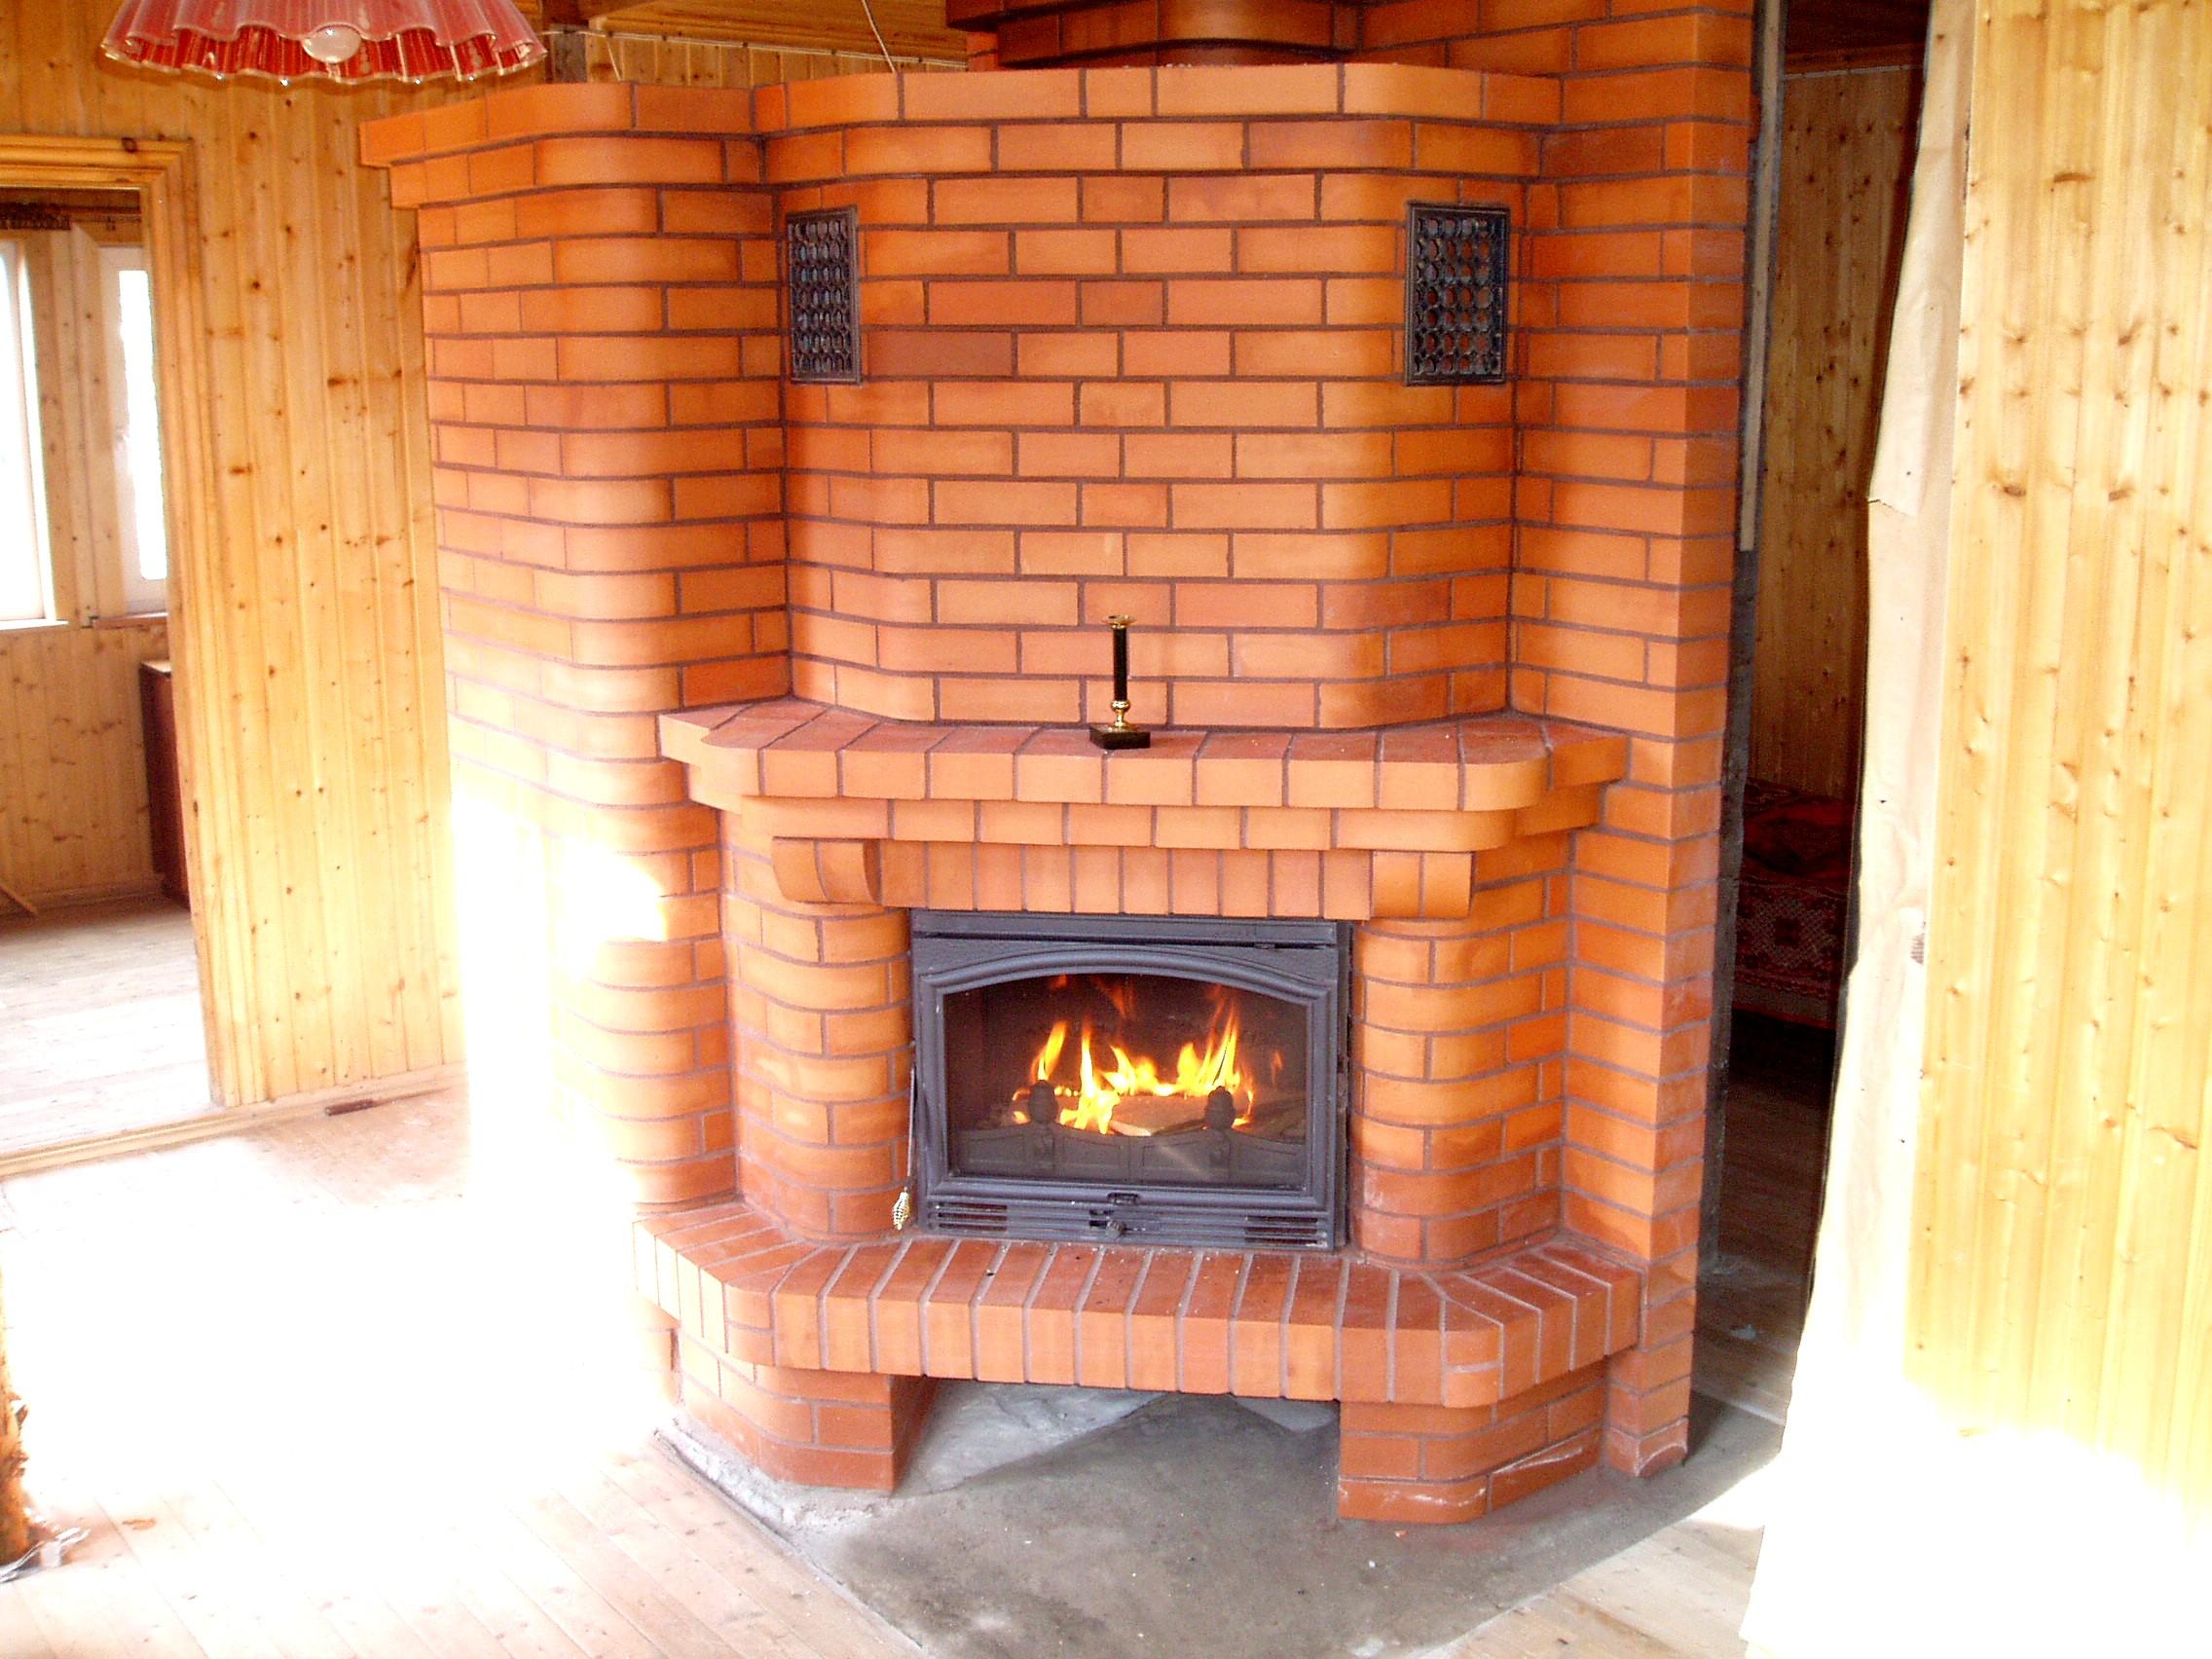 Дизайн печей на даче фото Печи для дачи, обзор. Подборка статей по теме печи